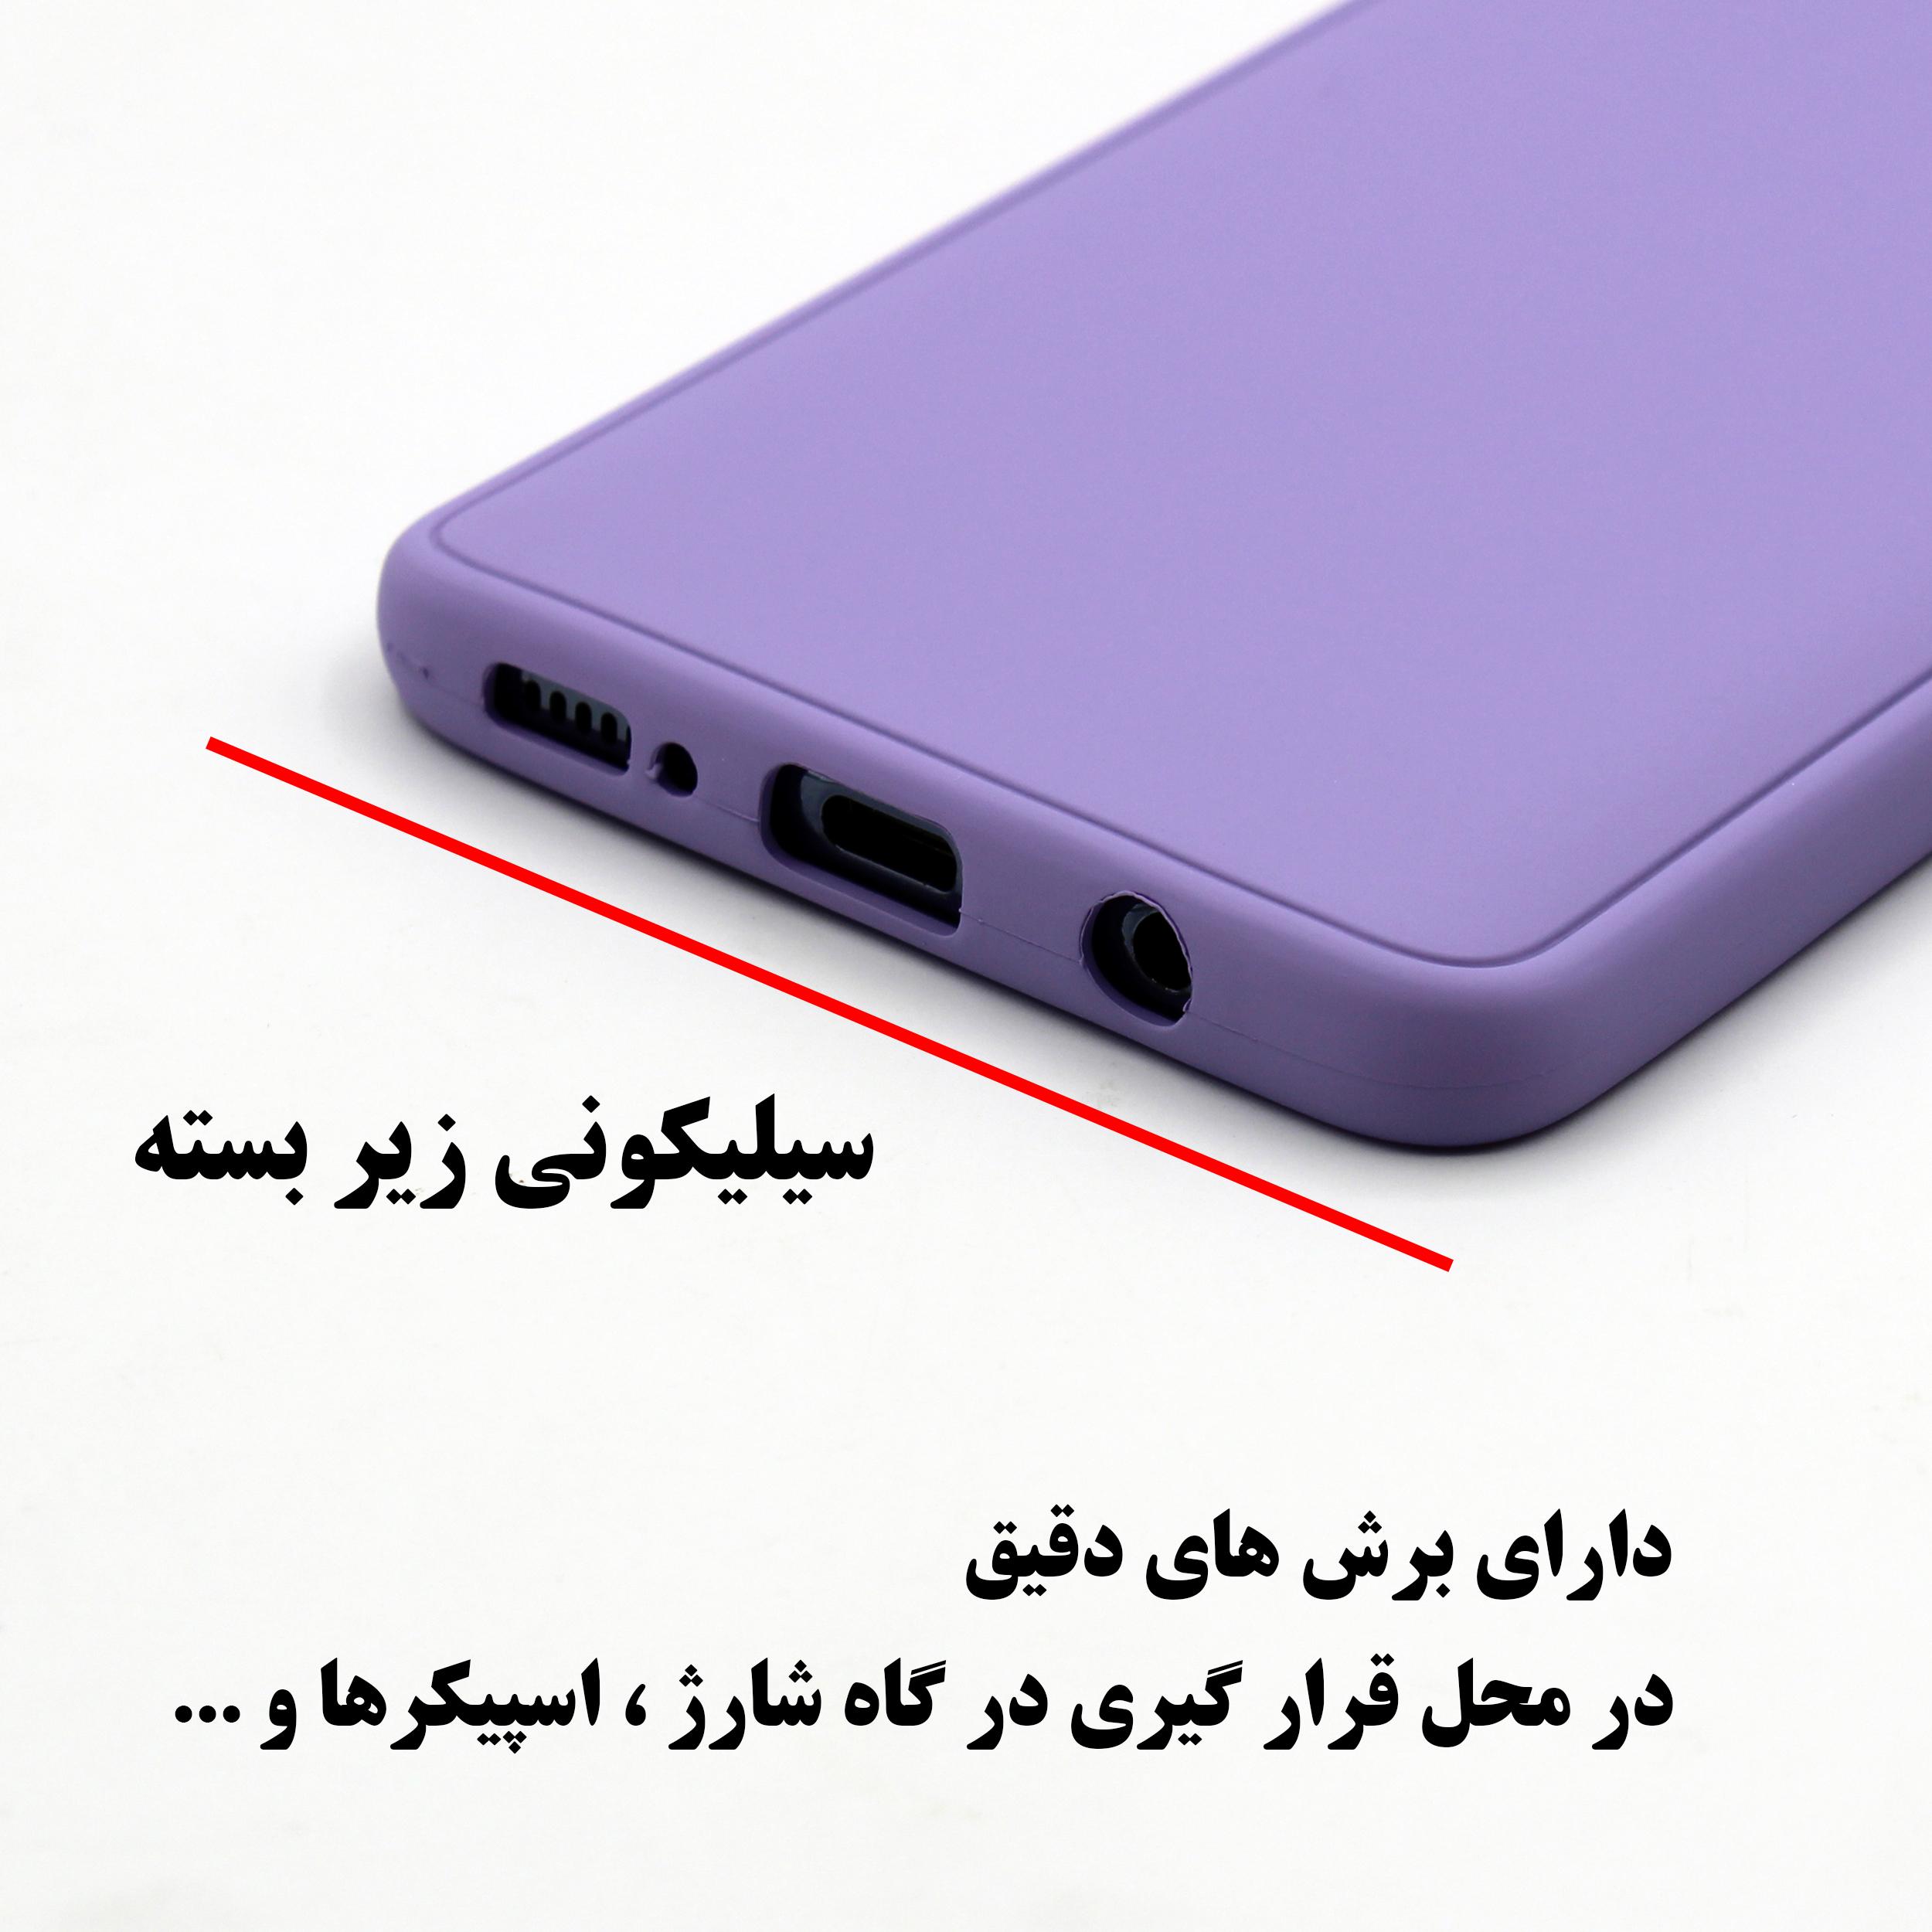 کاور لاین کینگ  مدل SL21 مناسب برای گوشی موبایل شیائومی Redmi Note 8 Pro              ( قیمت و خرید)